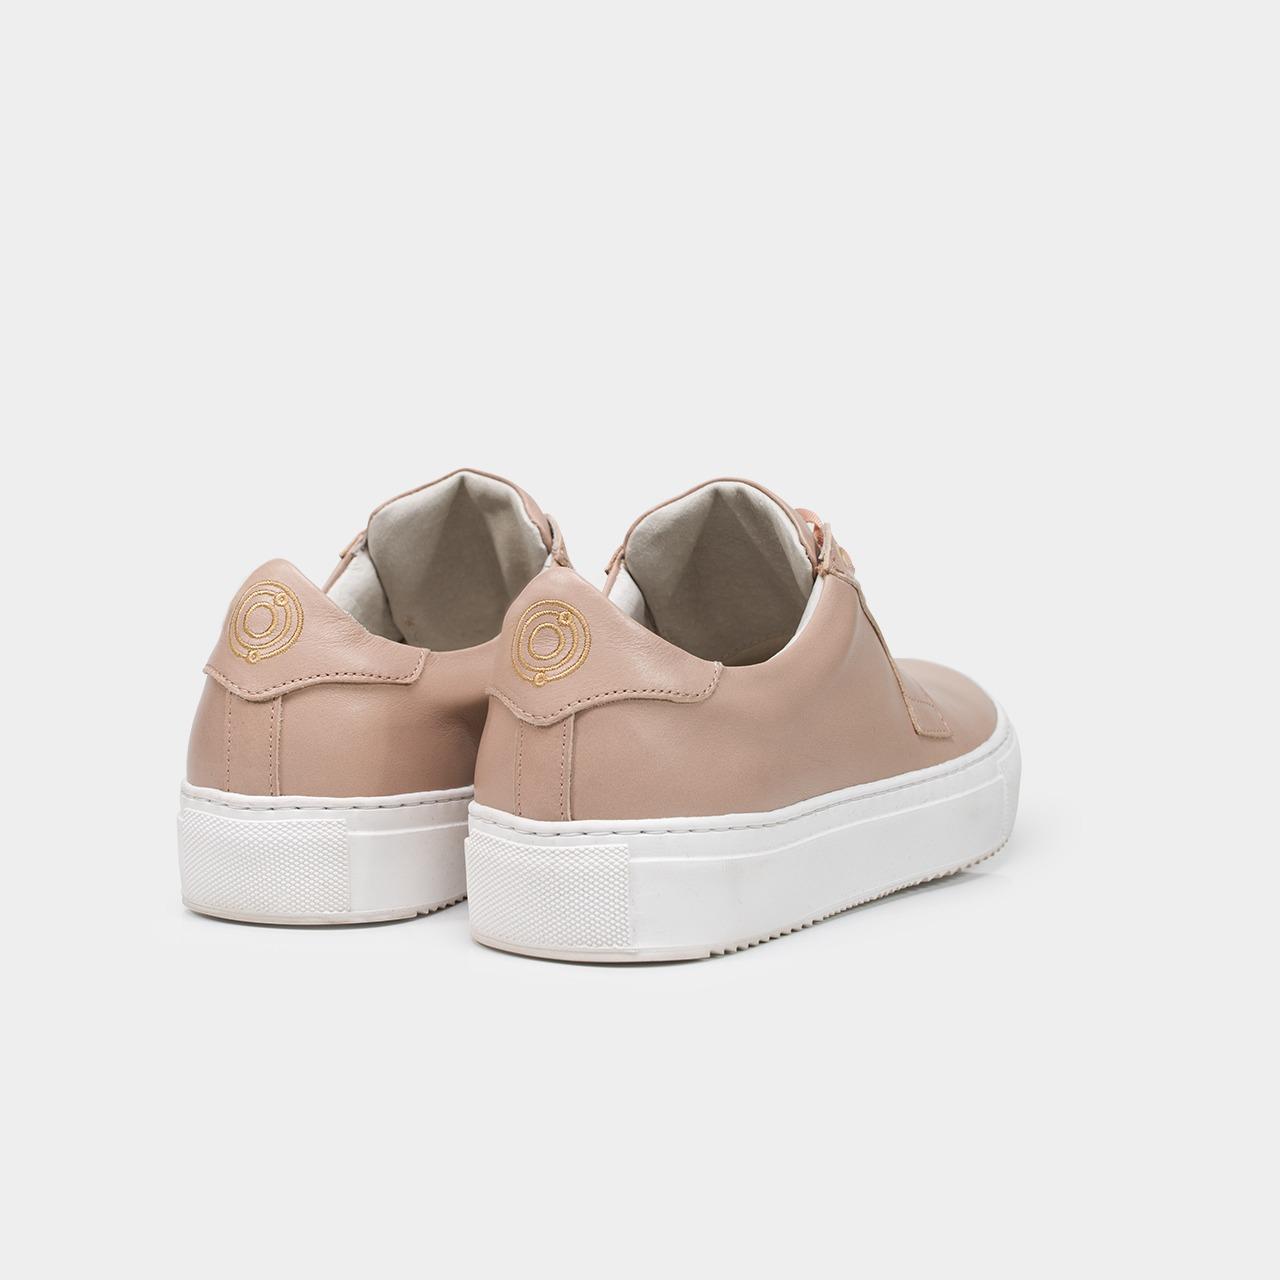 Sneaker delta sport - nude - Subtle num 2